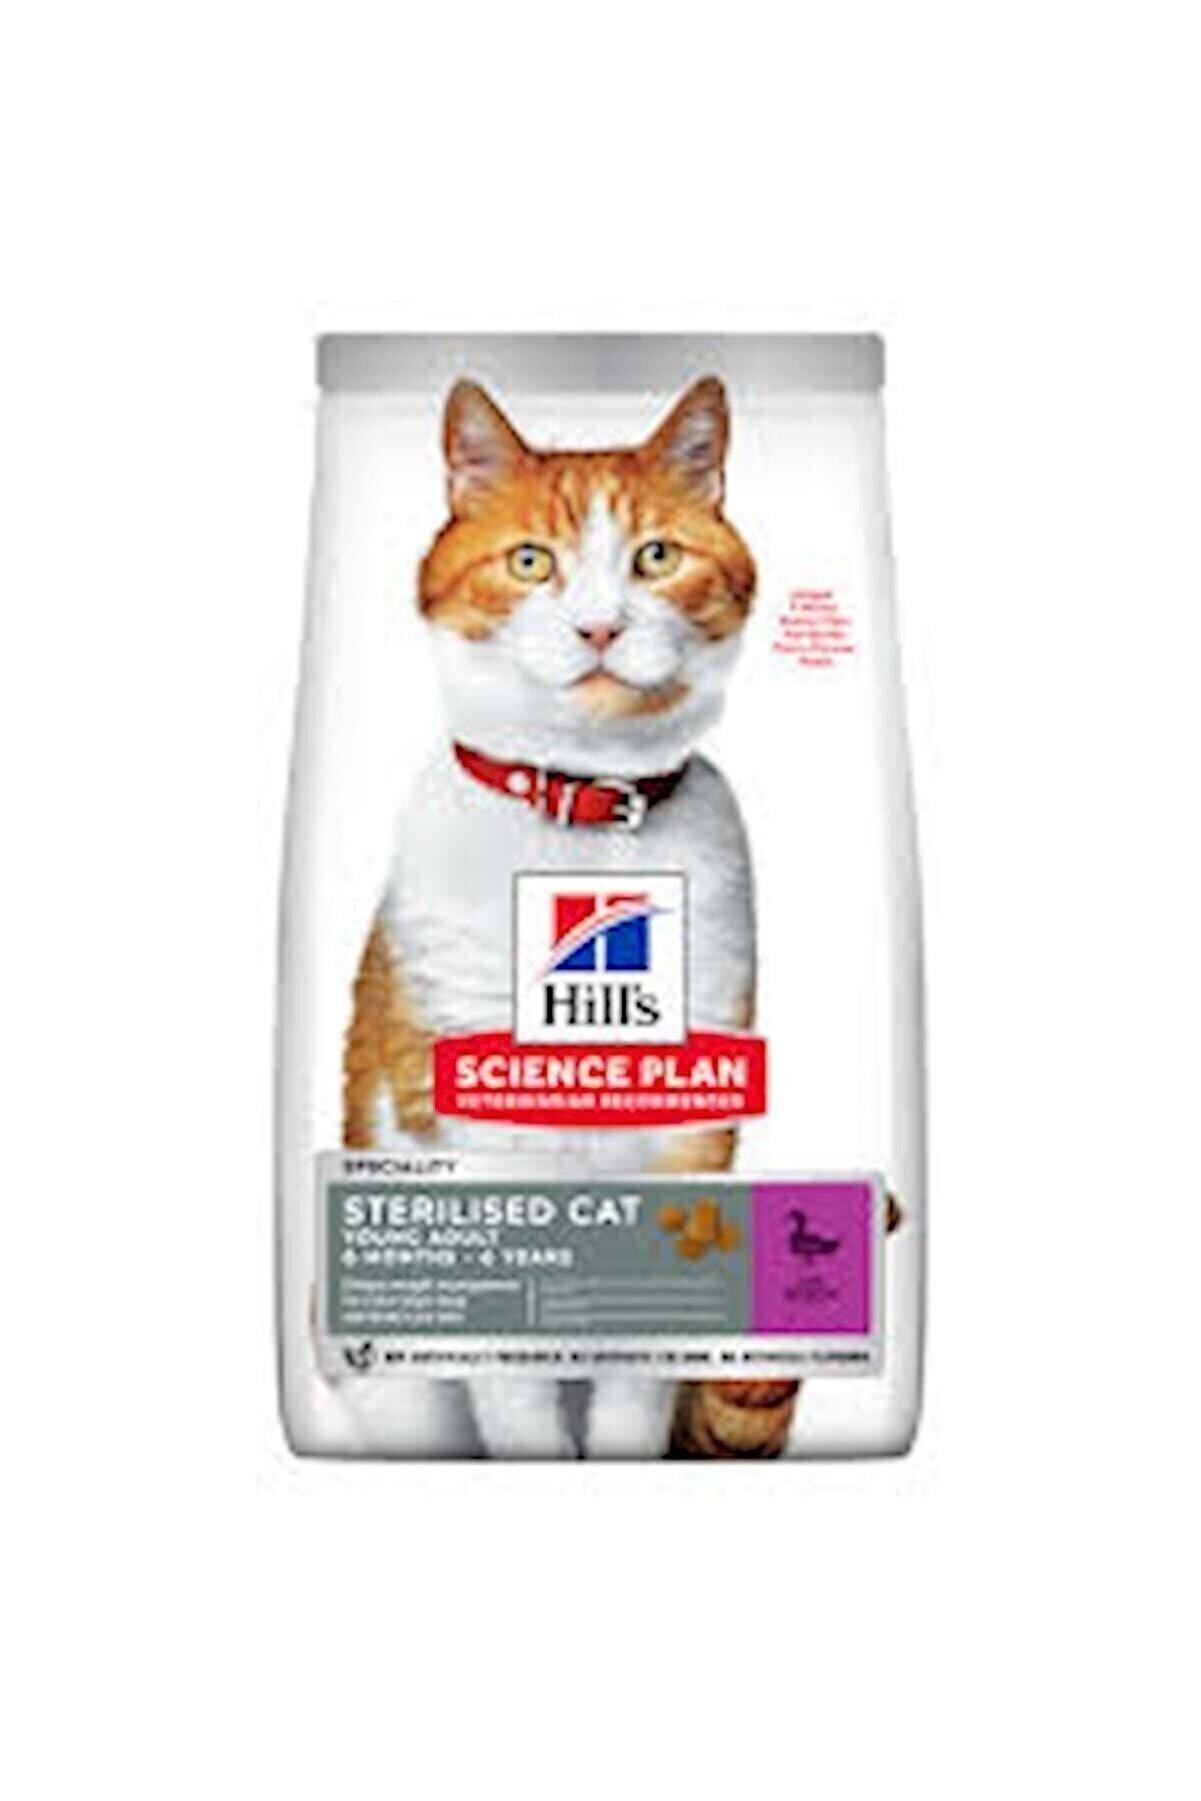 Hills Science Plan Hill's Science Plan Genç Yetişkin Ördekli Kısır Kedi Maması 1,5 Kg